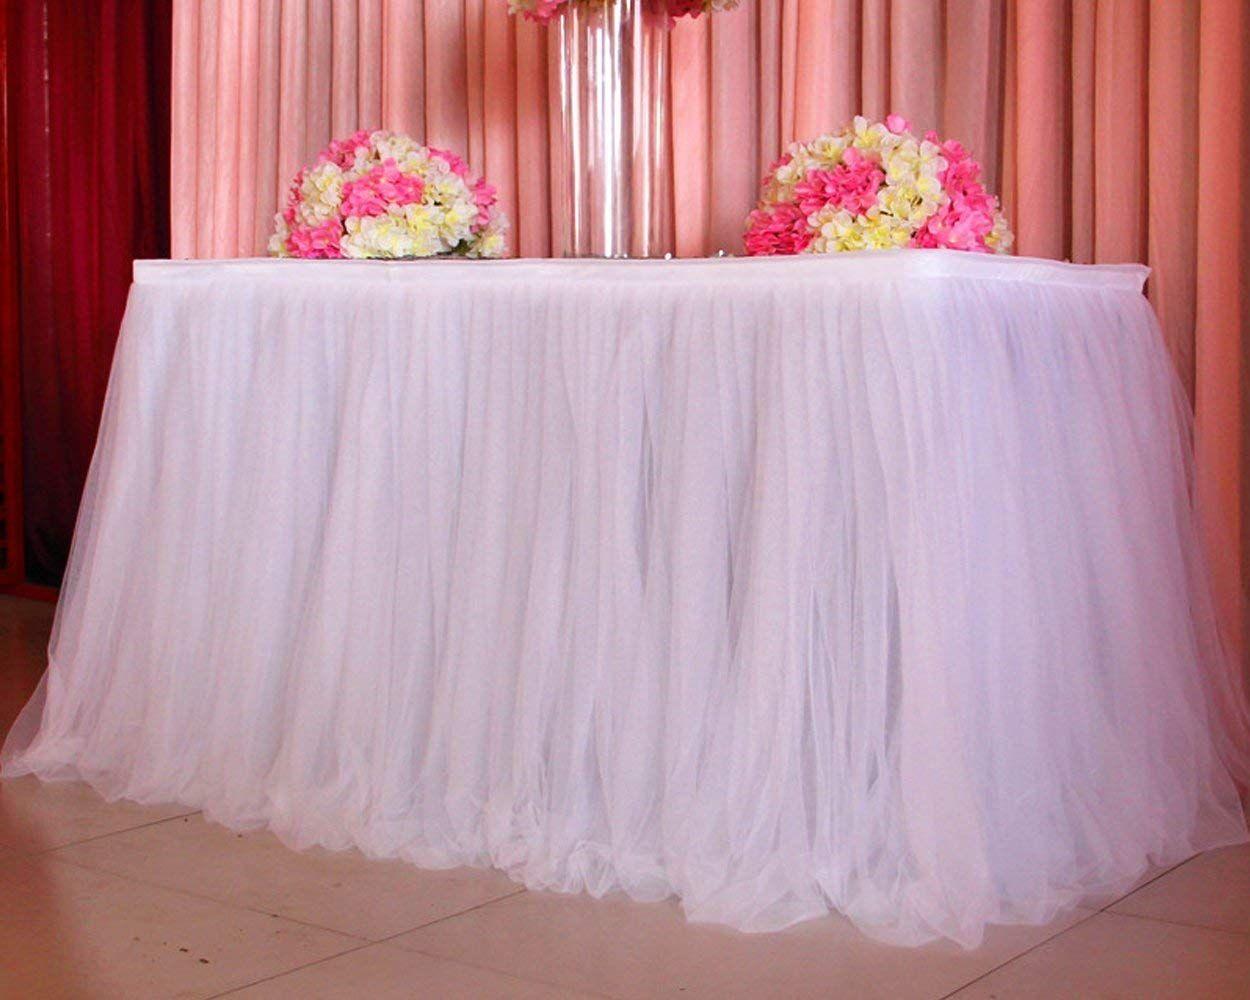 Decoração De Casamentos Simples 80 Cm Altura Tule Mesa Saia Bolo